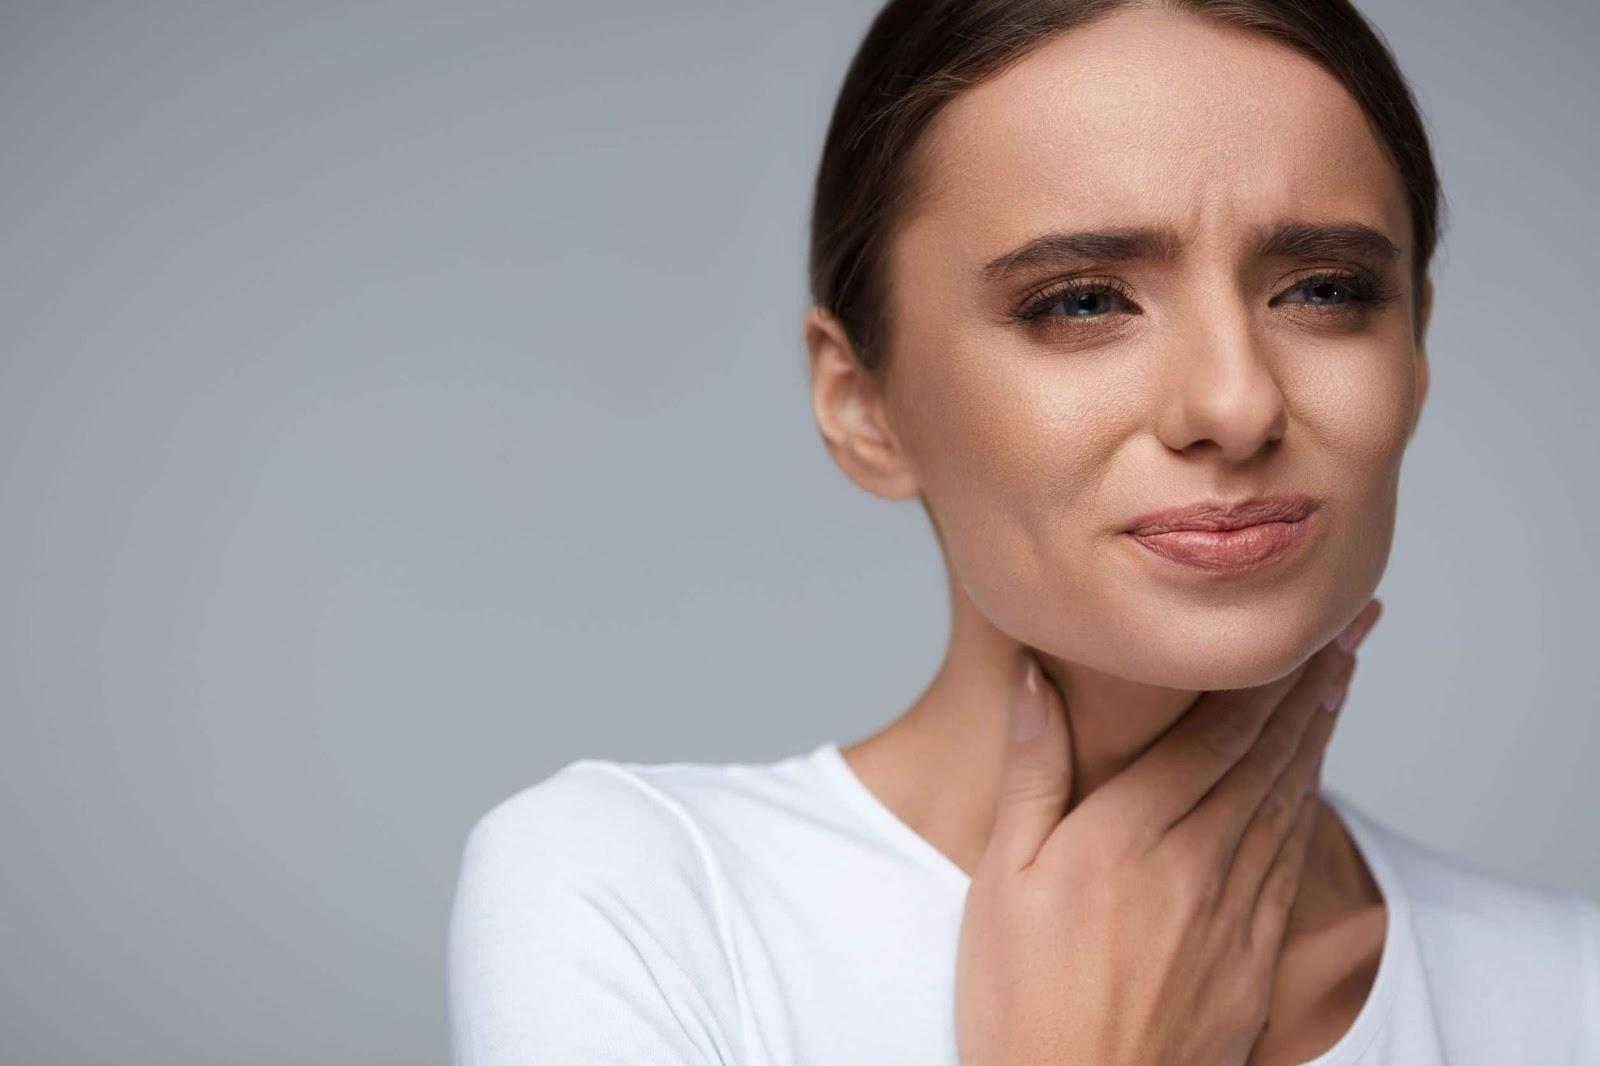 Καρκίνος Φάρυγγα - Στόματος  Παράλυσης Φωνητικών Χορδών Λαρυγγιτιδα πολυποδας φωνητικων χορδων Καρκίνος Λαρυγγα